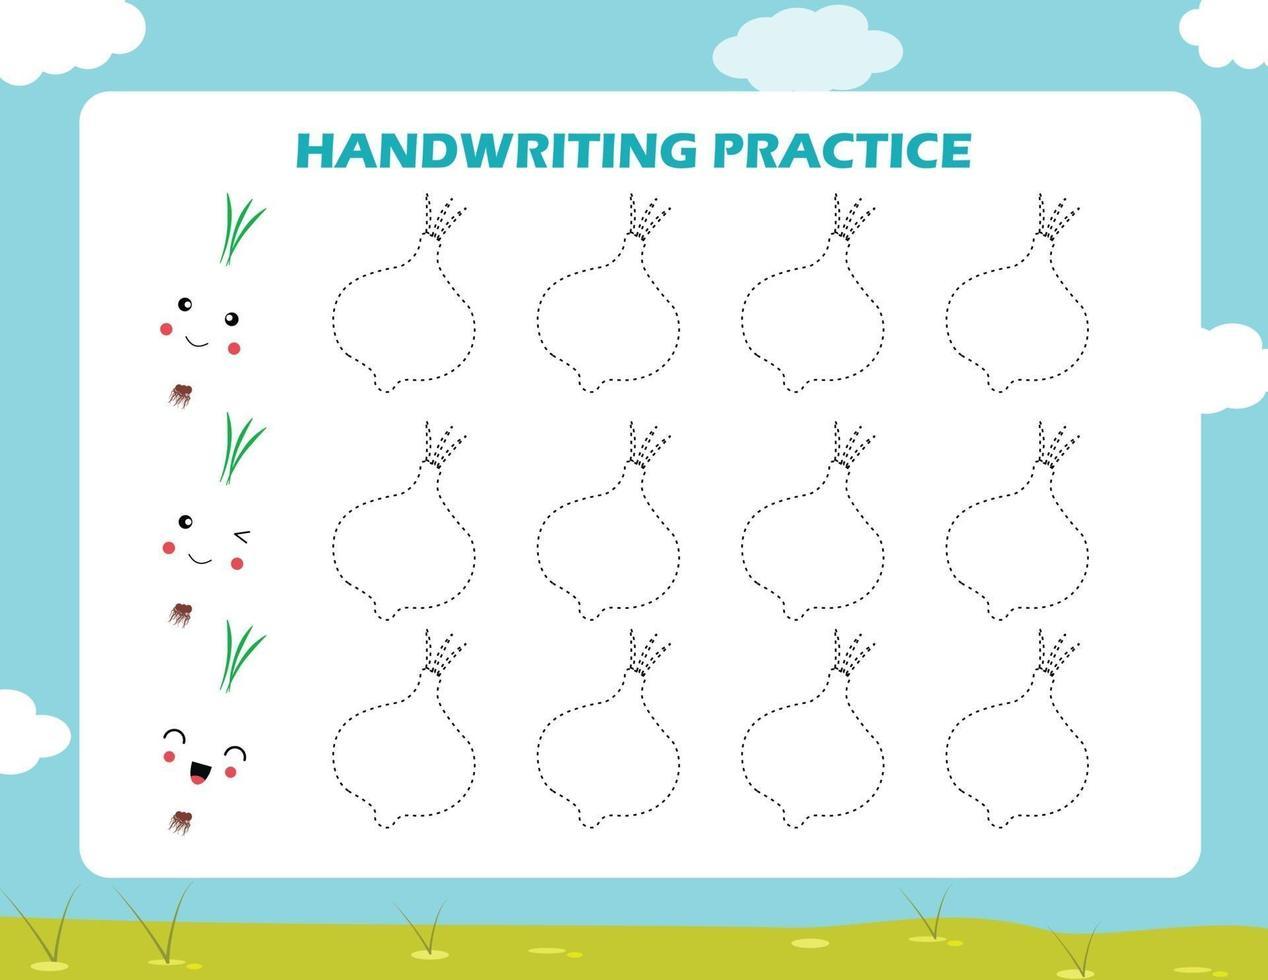 traza las líneas con cebolla de dibujos animados. práctica de la escritura. vector